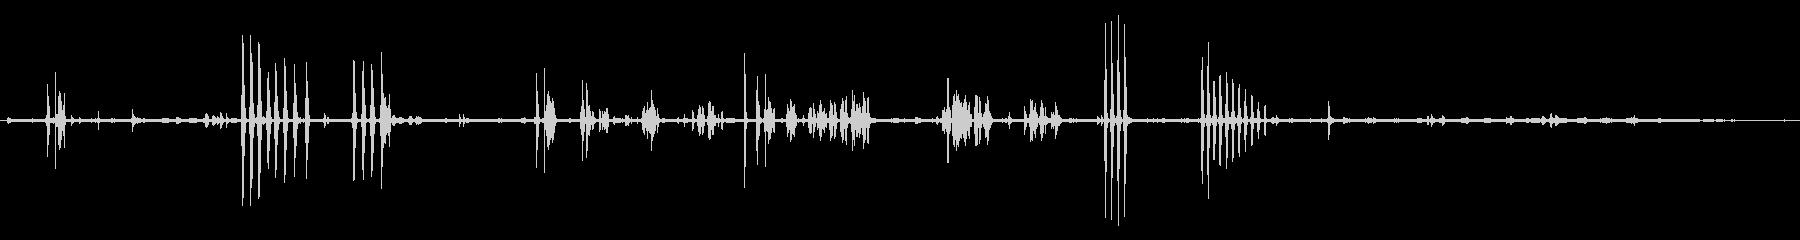 環境音 アフリカのブッシュ朝の鳥02の未再生の波形